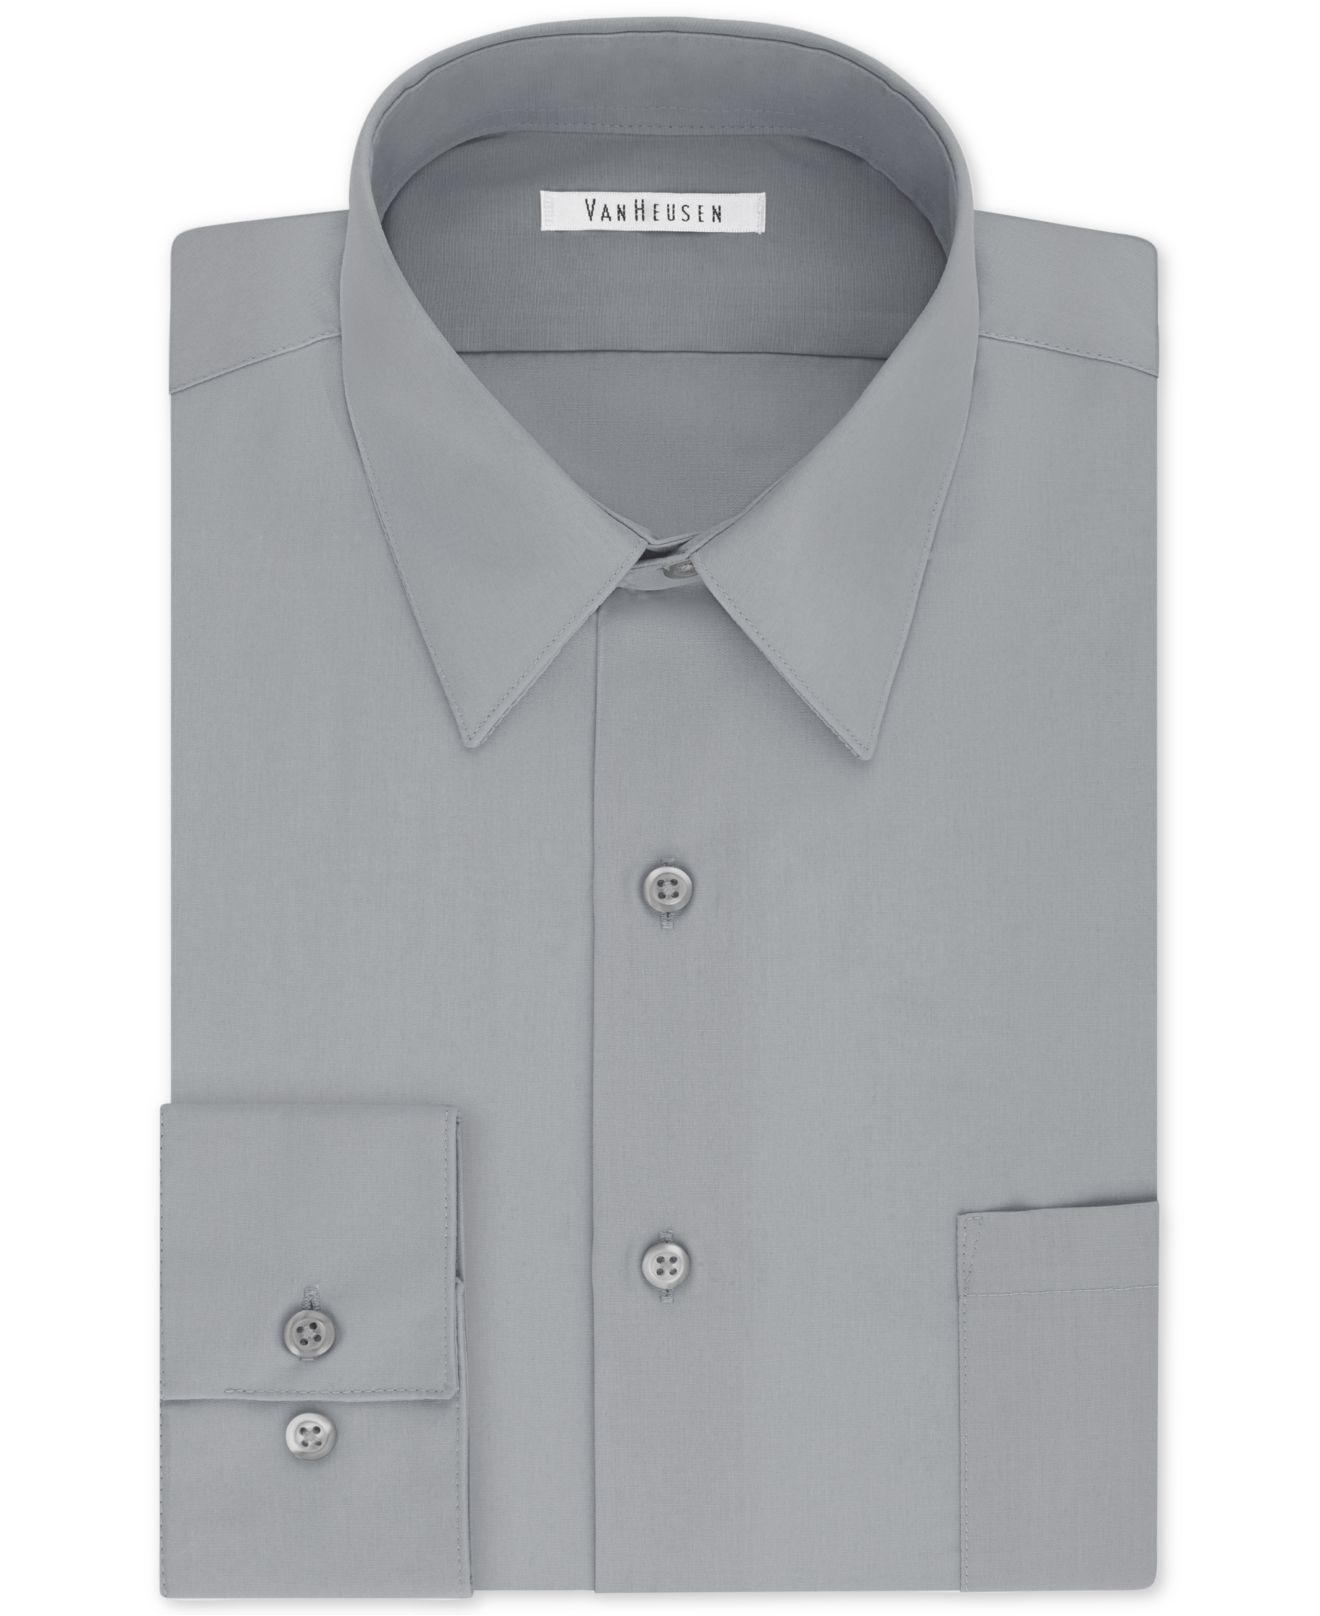 97fb1dbf1bb Van Heusen. Men s Tall Classic regular Fit Wrinkle Free Poplin Solid Dress  Shirt